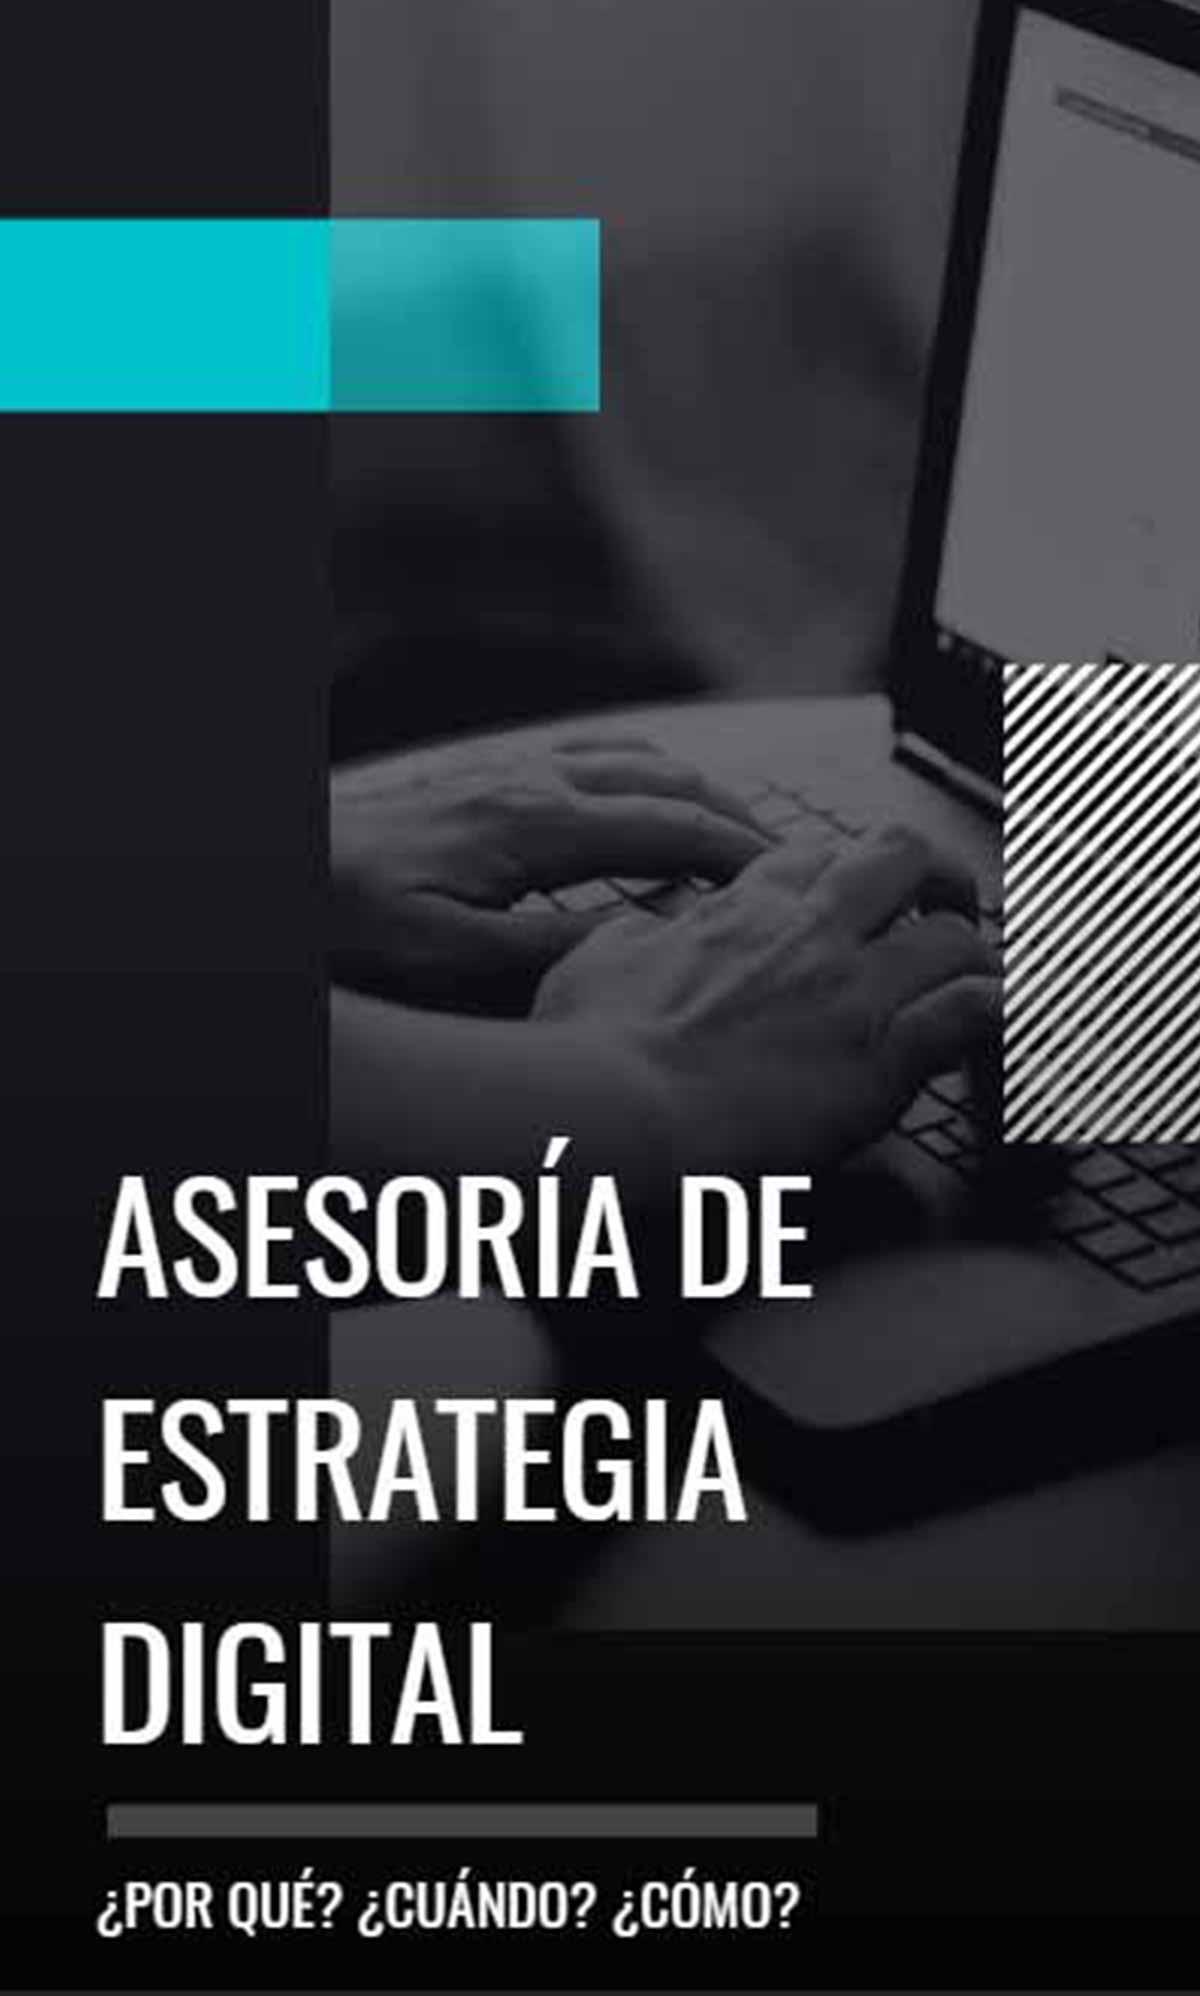 Asesoría-estrategia-digital